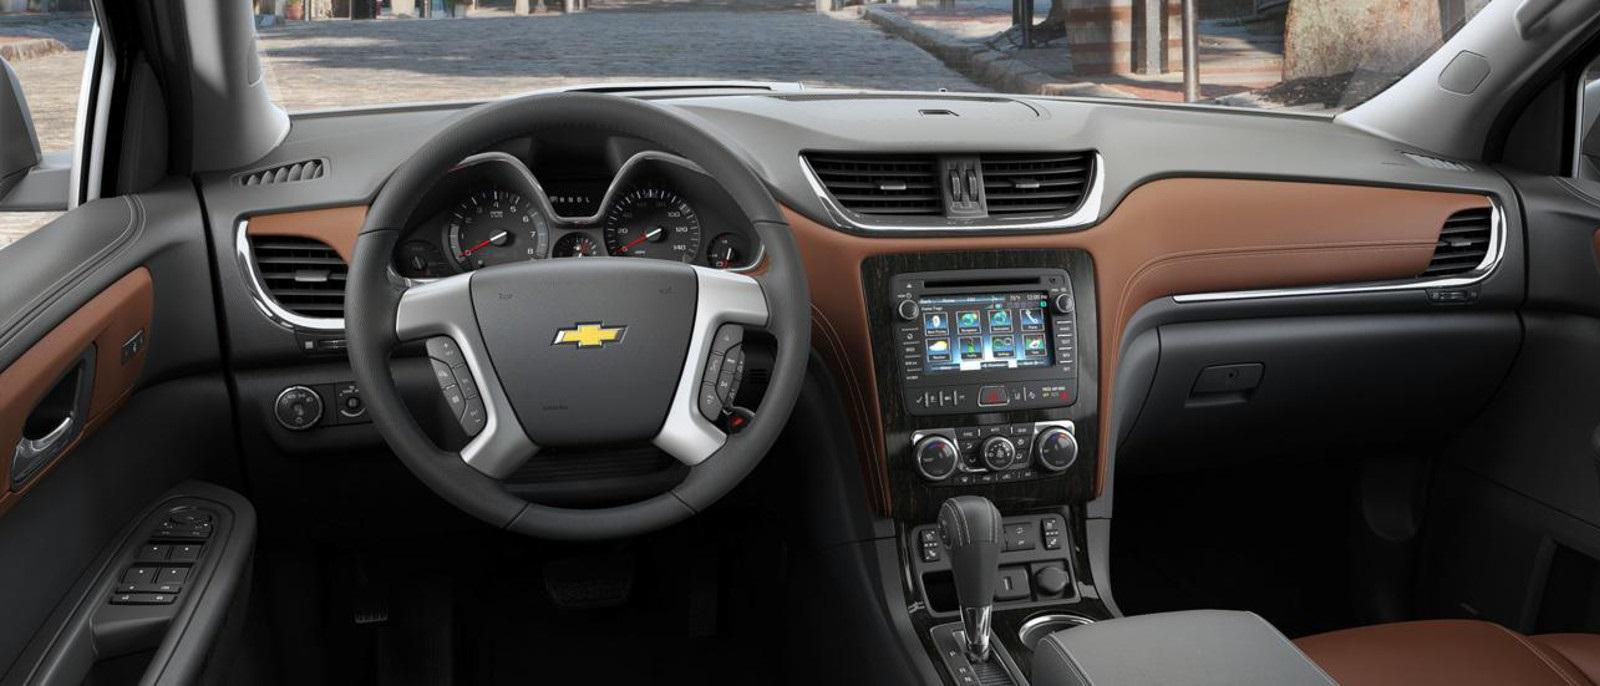 Chevrolet Traverse Interior Specs Psoriasisguru Com